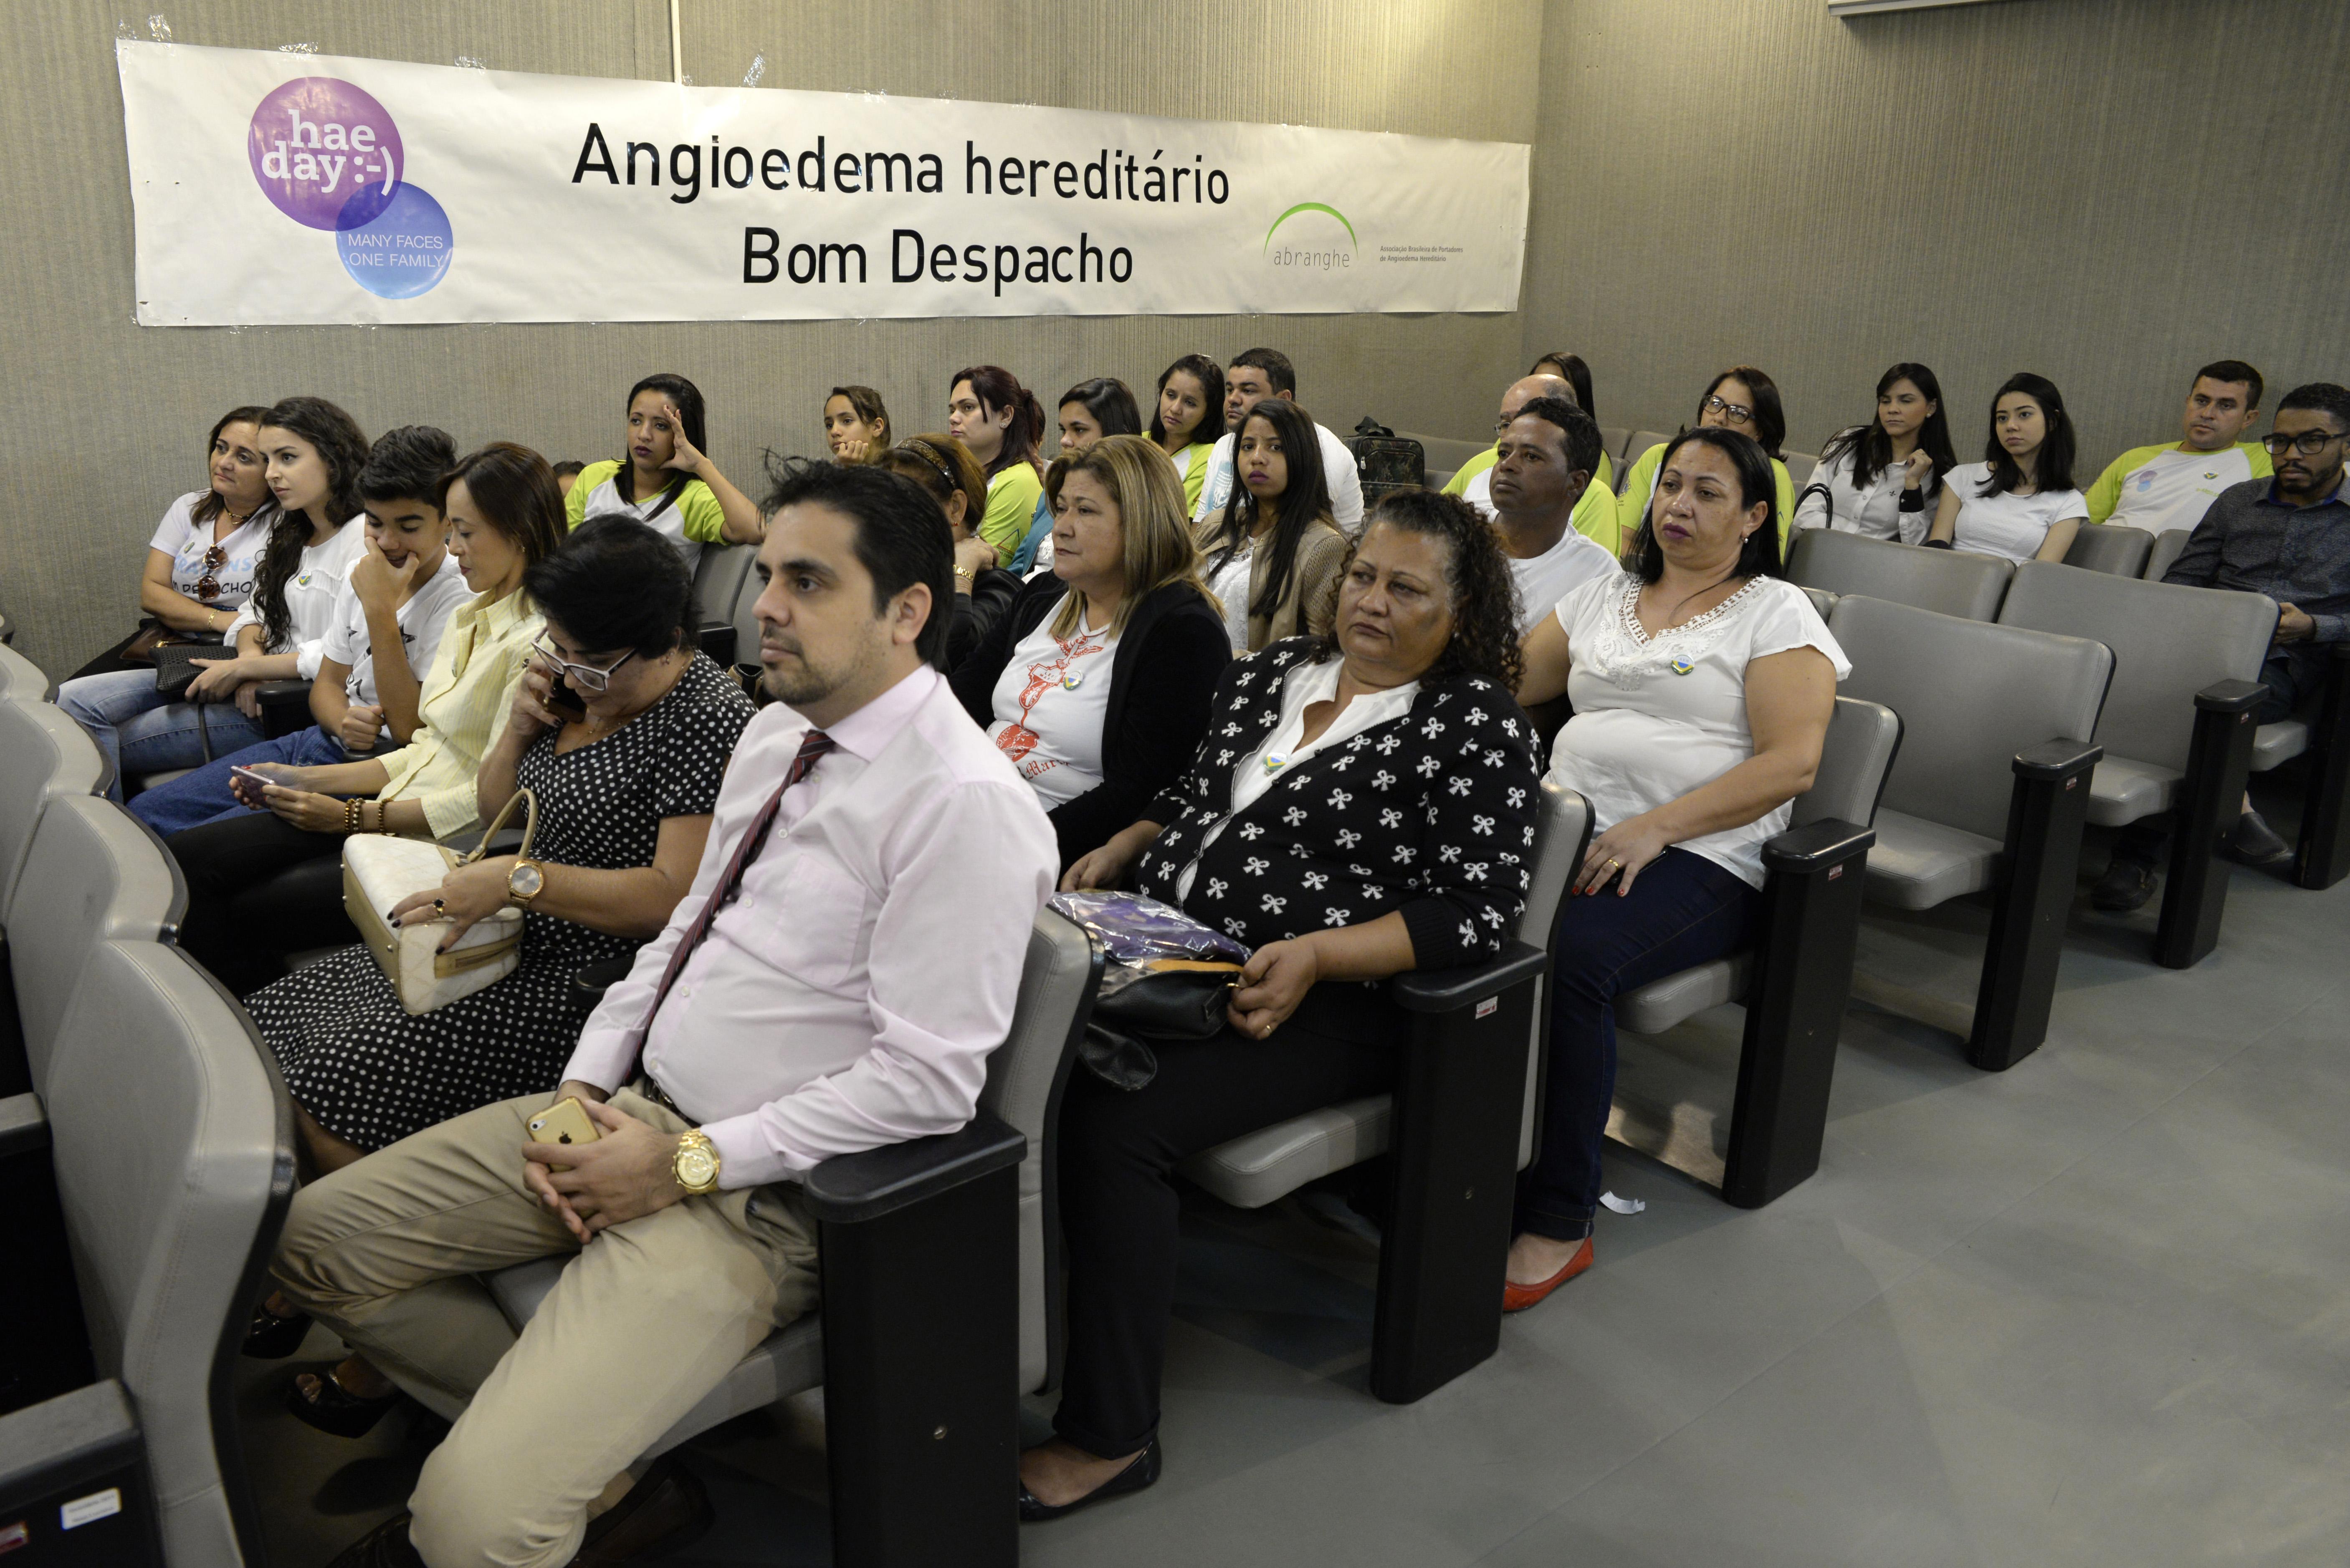 Foto: Guilherme Bergamini / ALMG